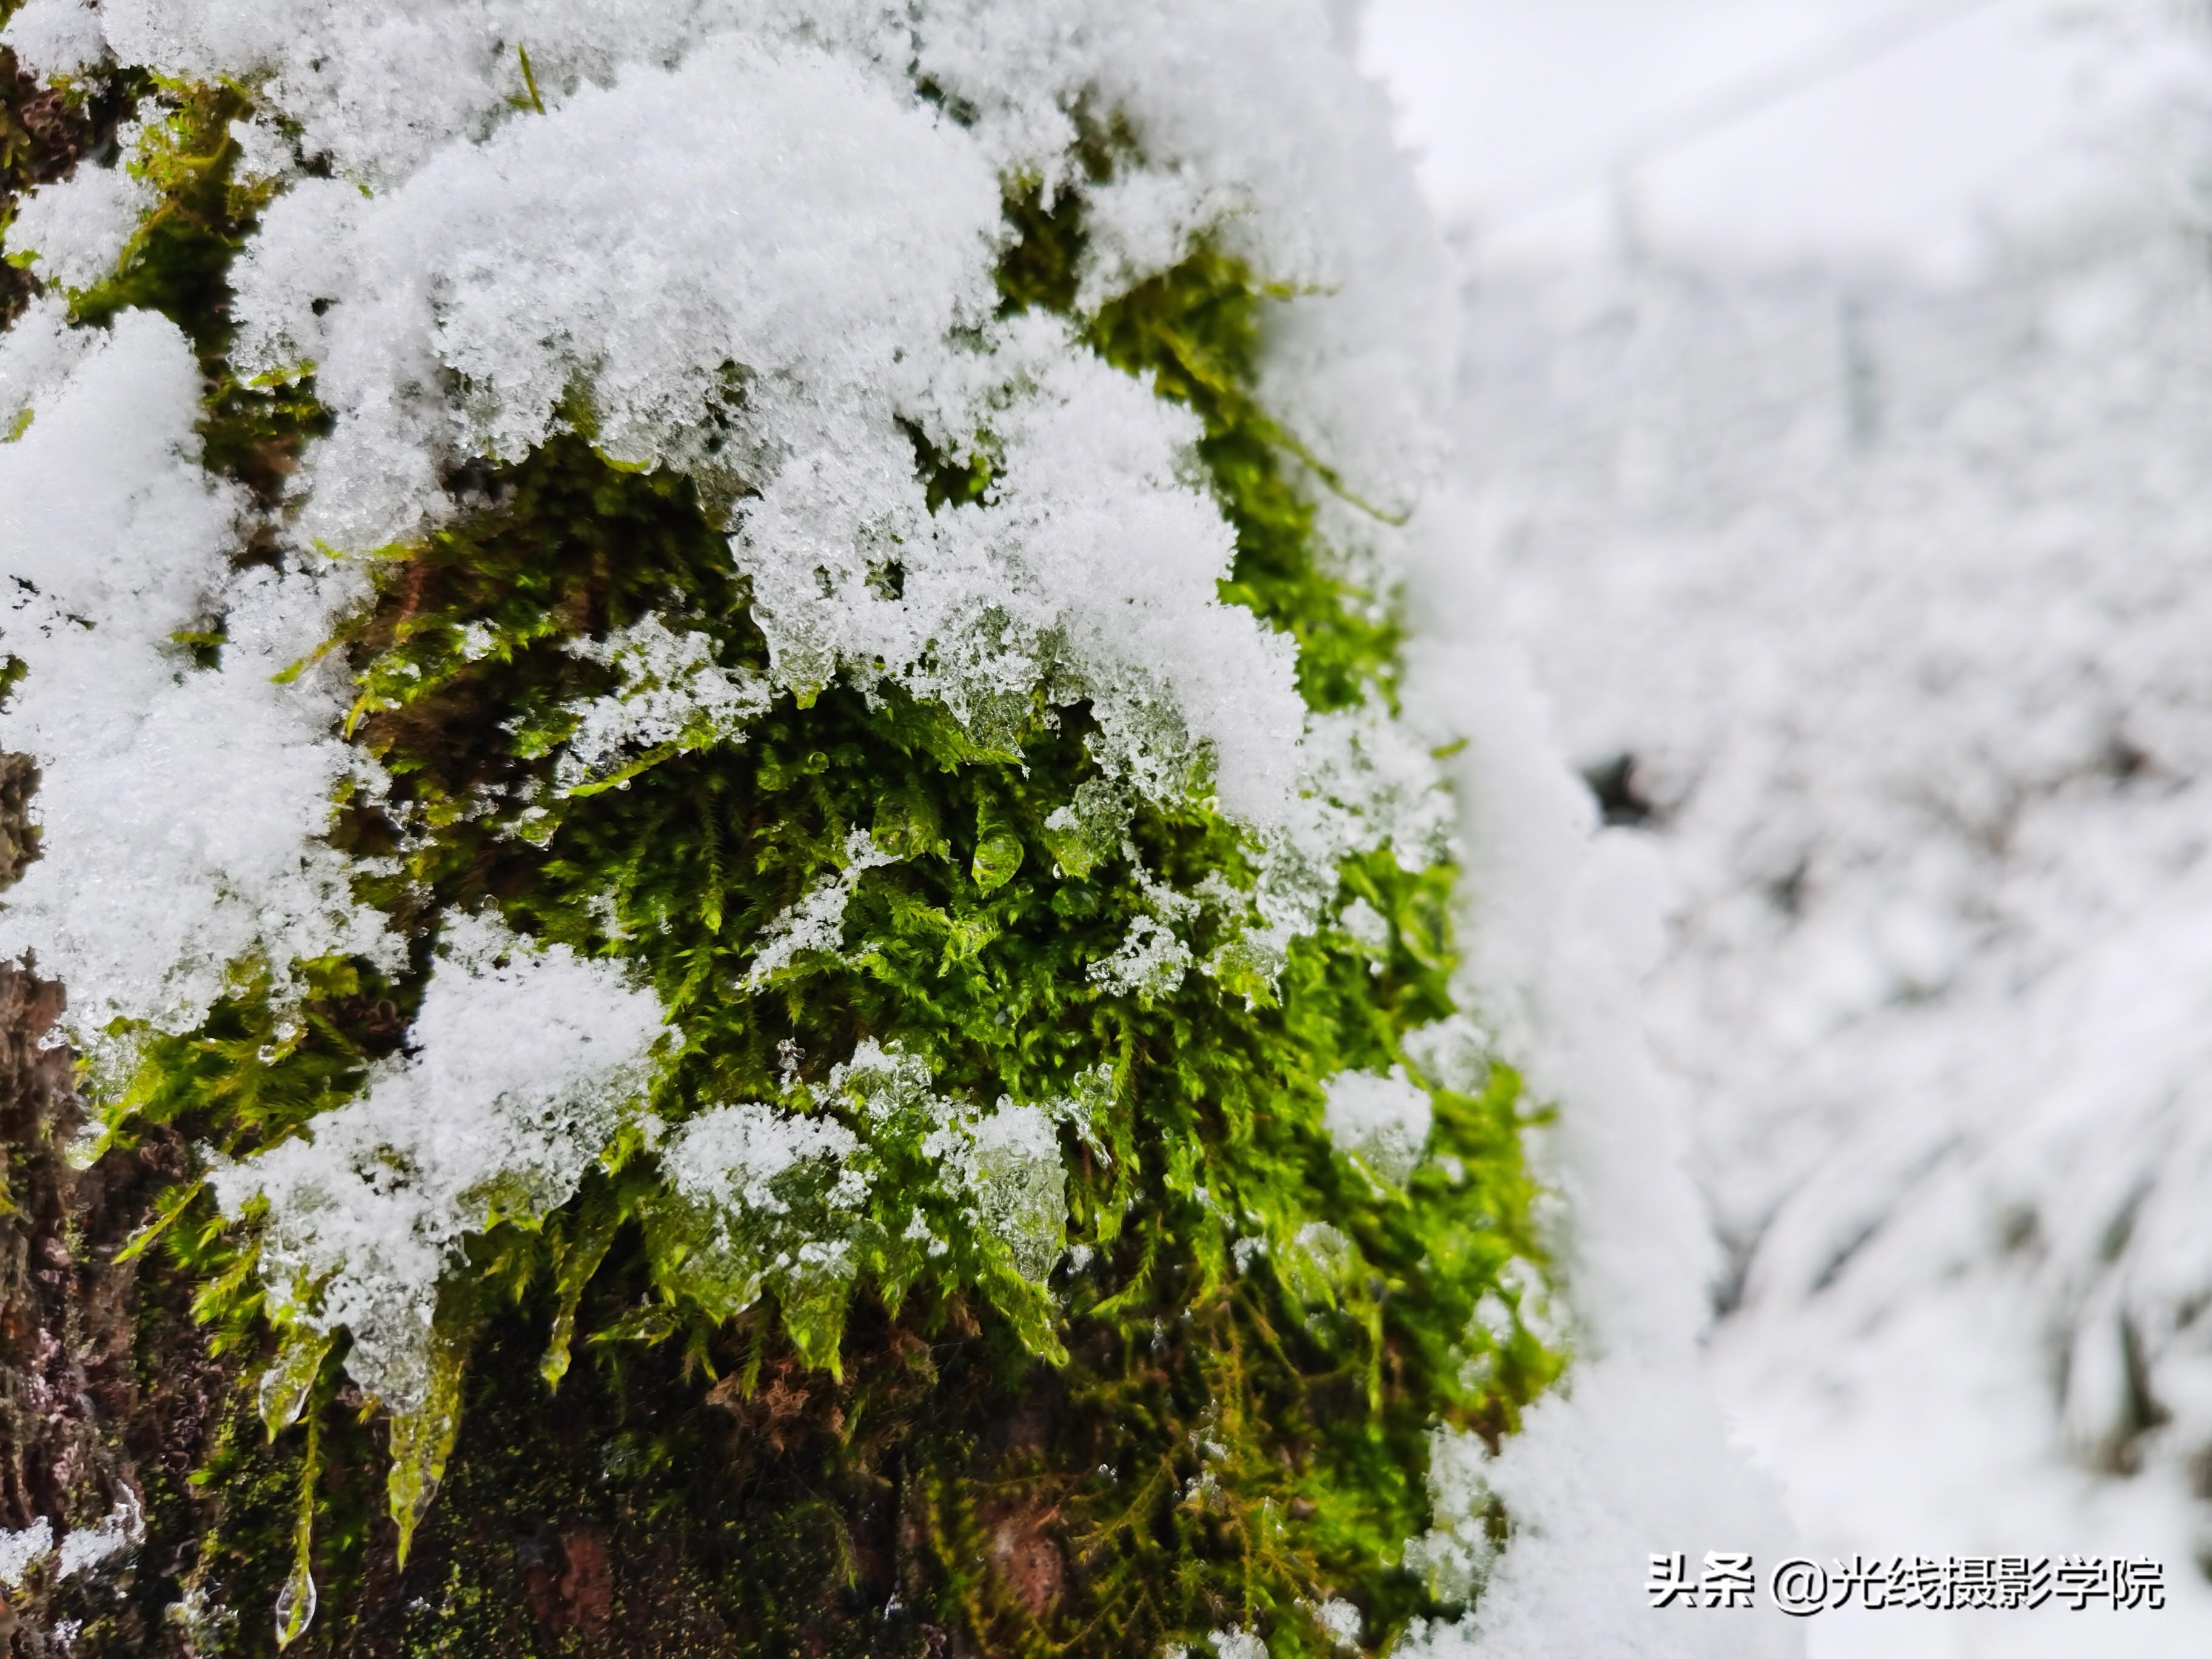 2020年冬季,重庆仙女山雪景行摄攻略,冰雪旅游问题完全解答